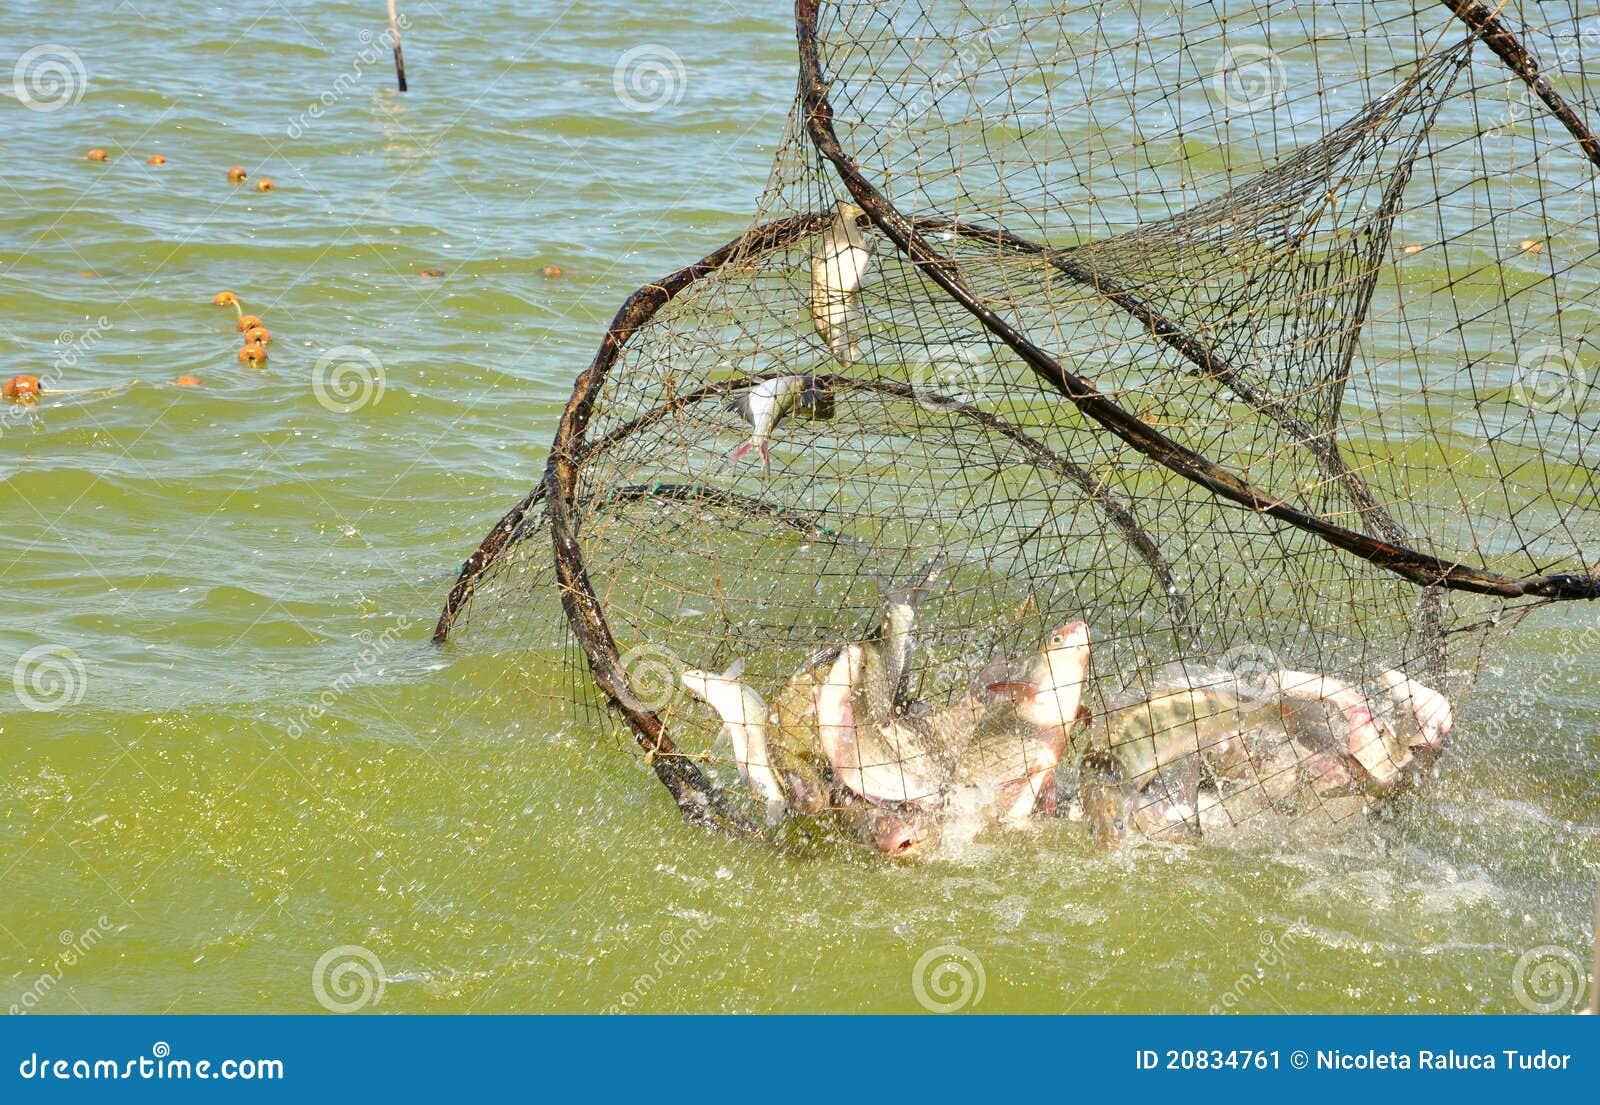 Rete da pesca con i pesci immagine stock immagine di for Rete da pesca arredamento